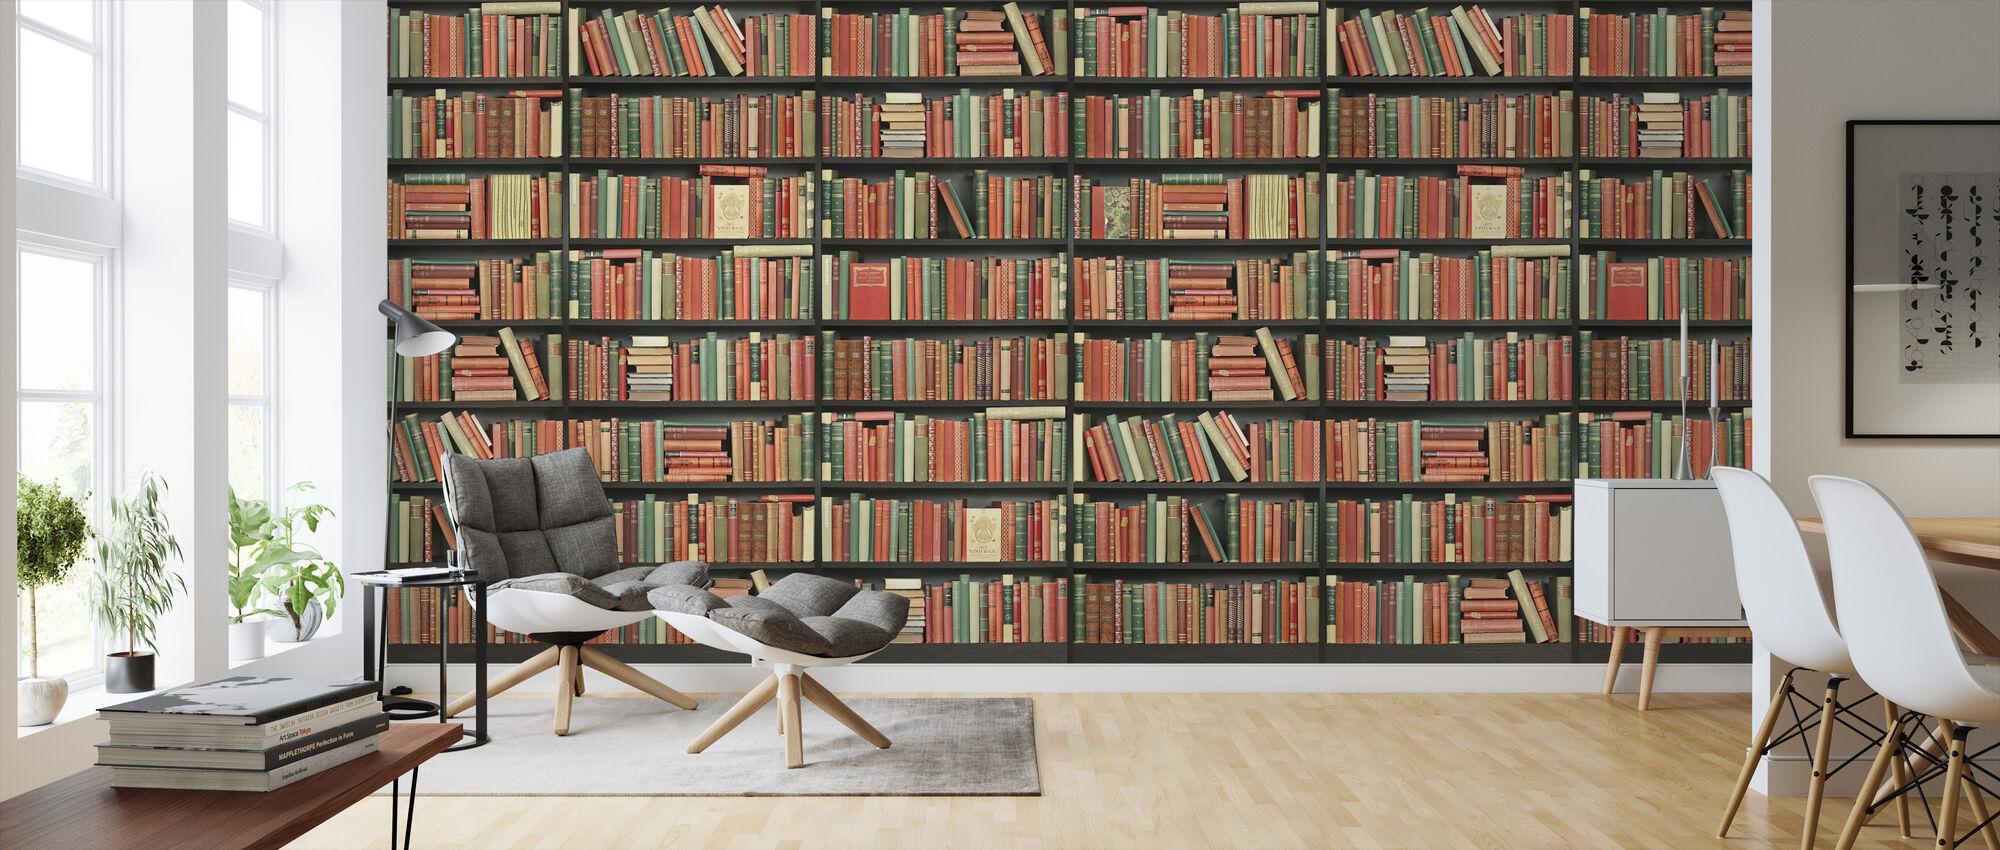 Bookshelf - Black - Red green - Long - Wallpaper - Living Room